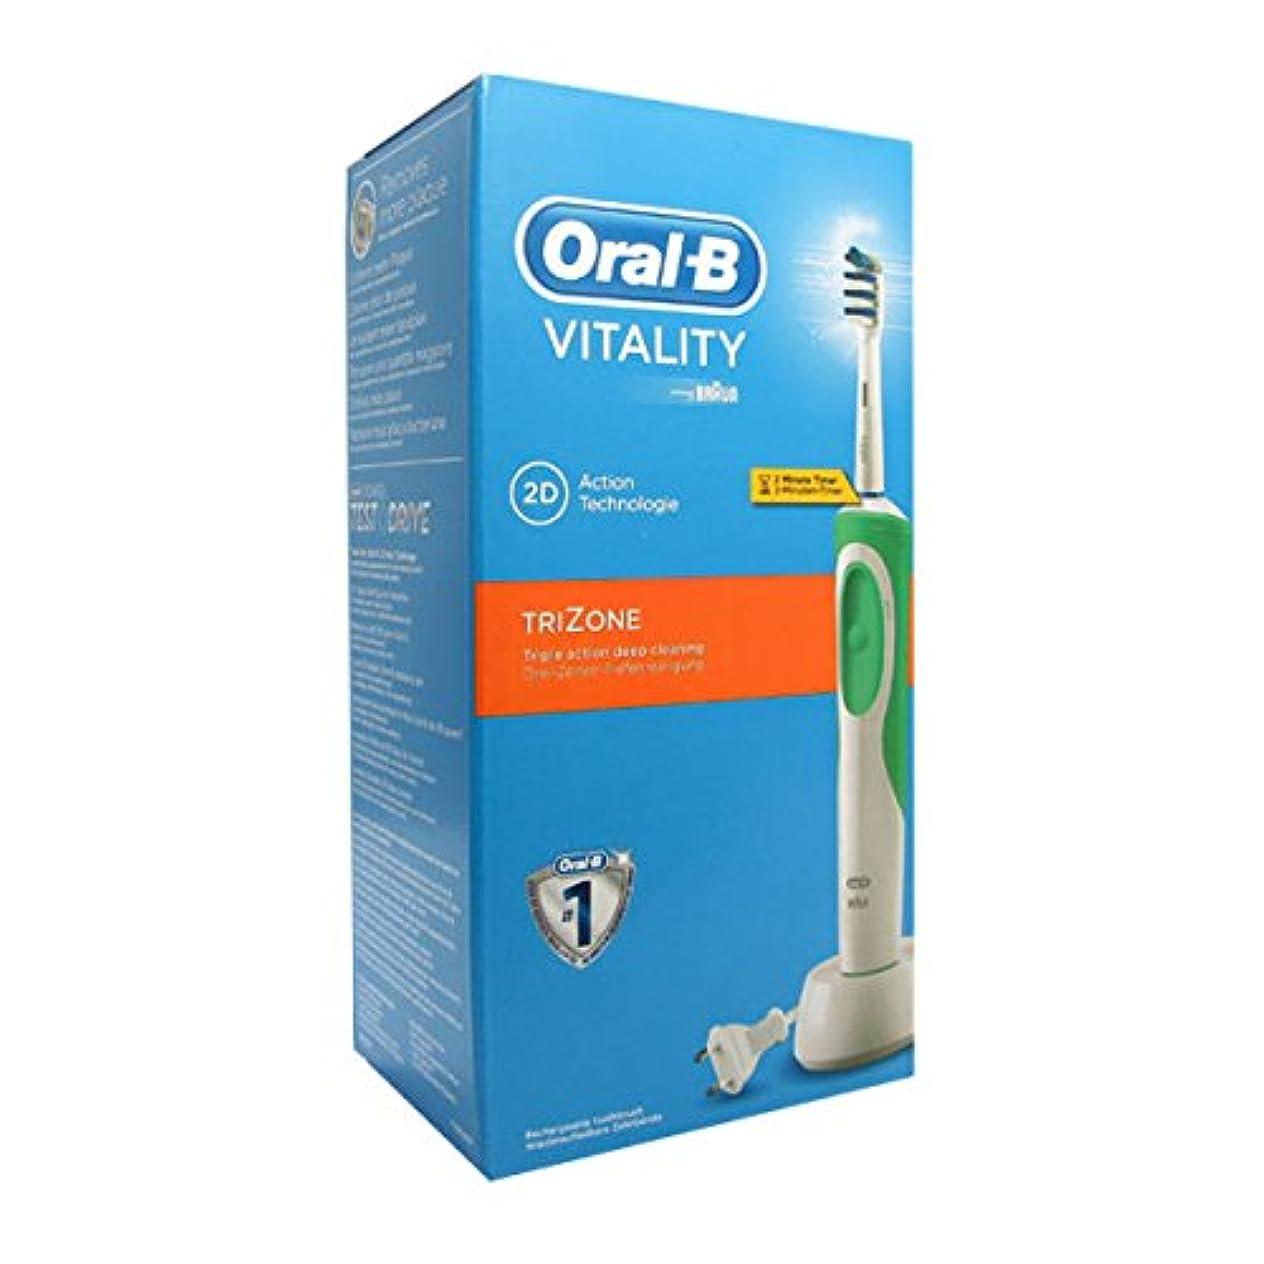 受け継ぐ血まみれの神Oral B Vitality Trizone Electric Toothbrush [並行輸入品]